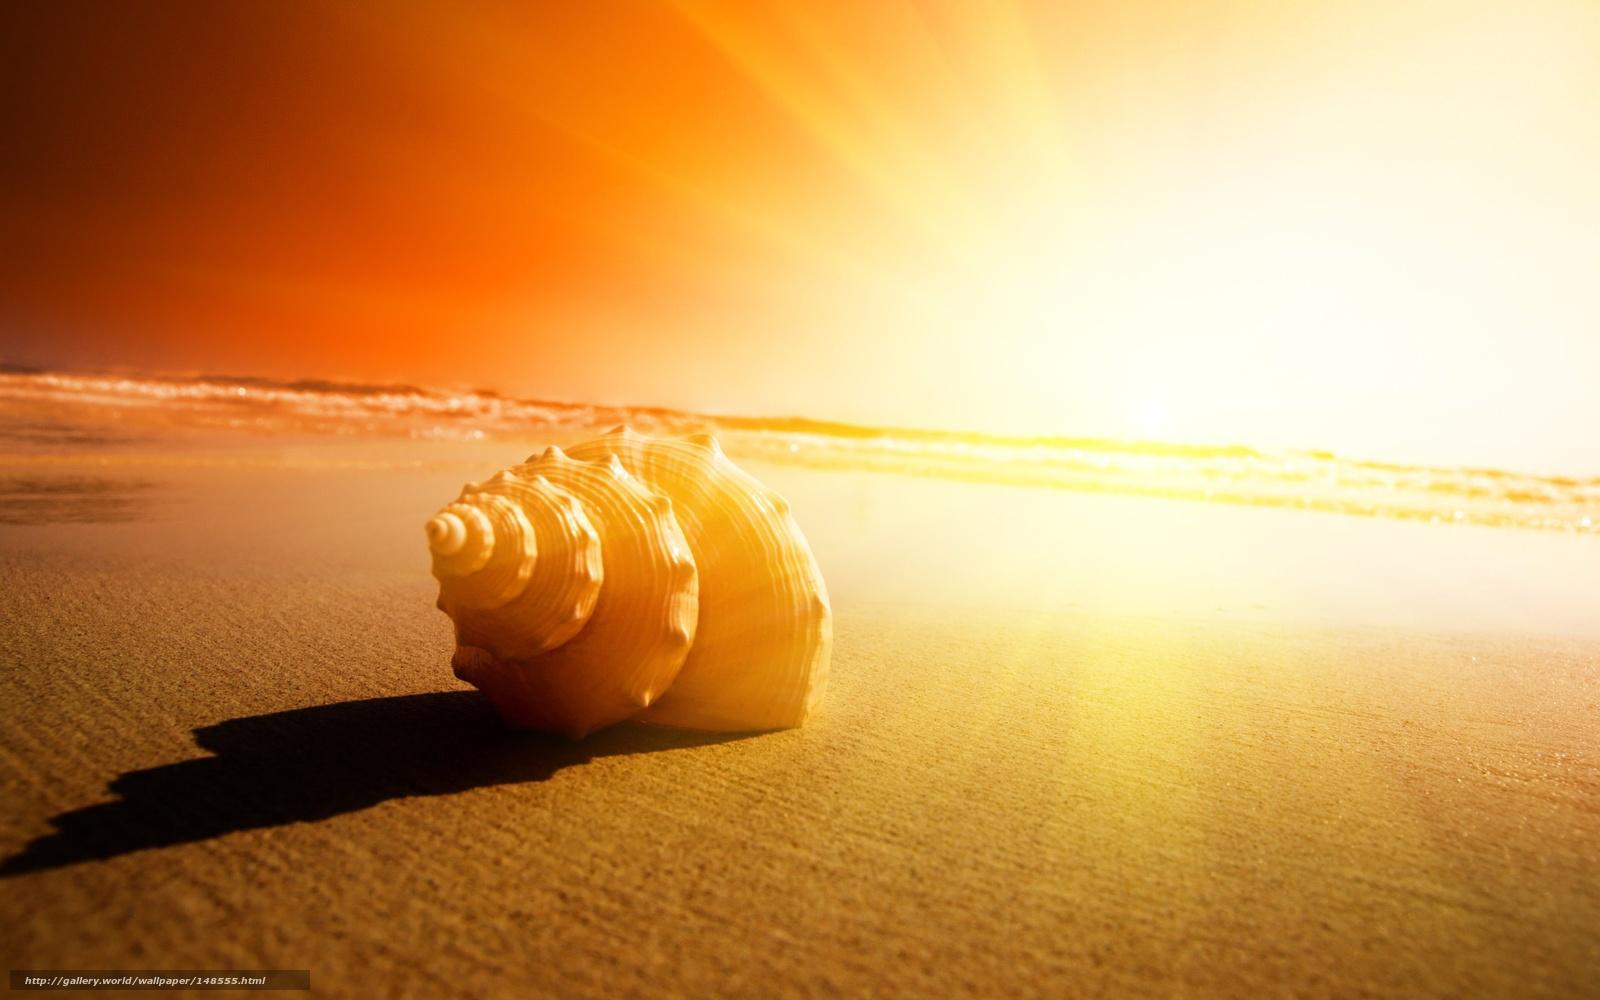 Scaricare Gli Sfondi Mare Tramonto Sabbia Conchiglia Sfondi